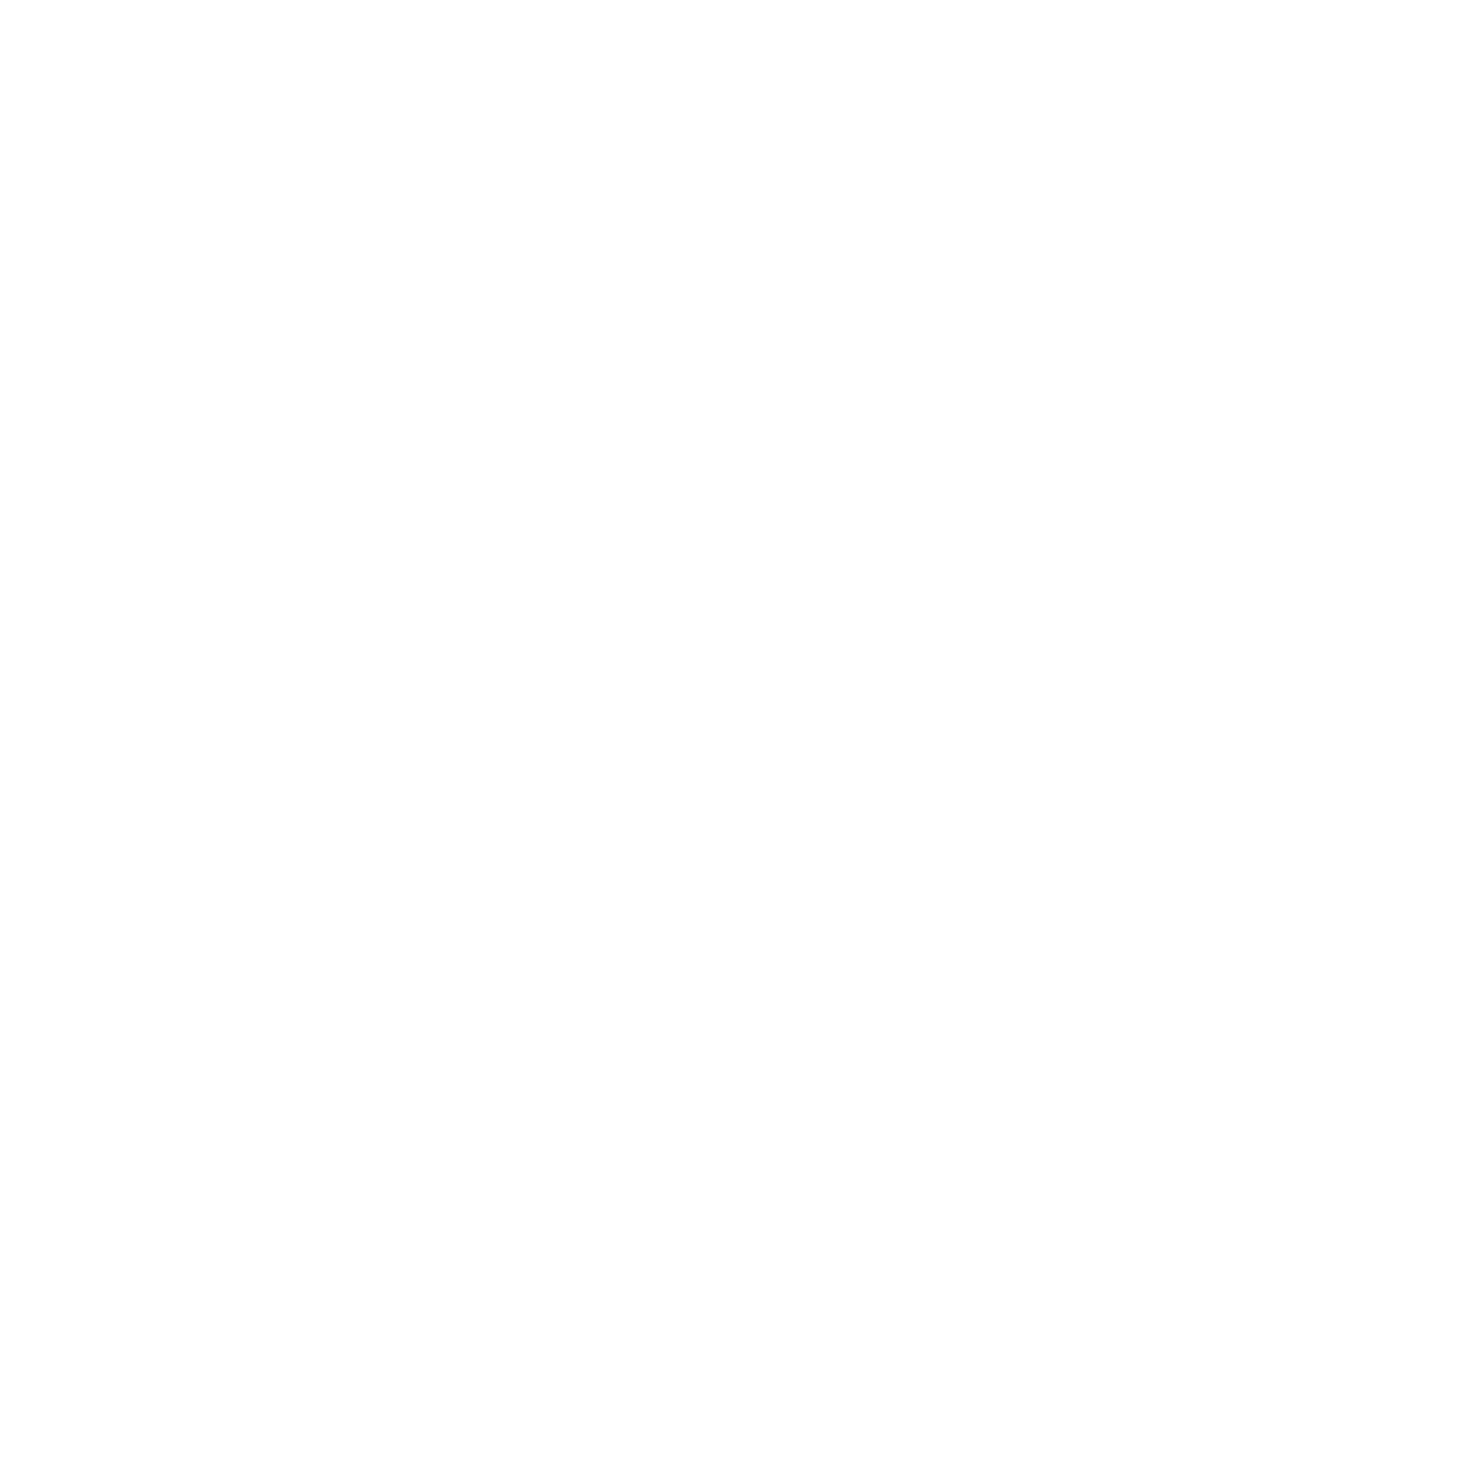 diosa-SIN-FONDO blanco